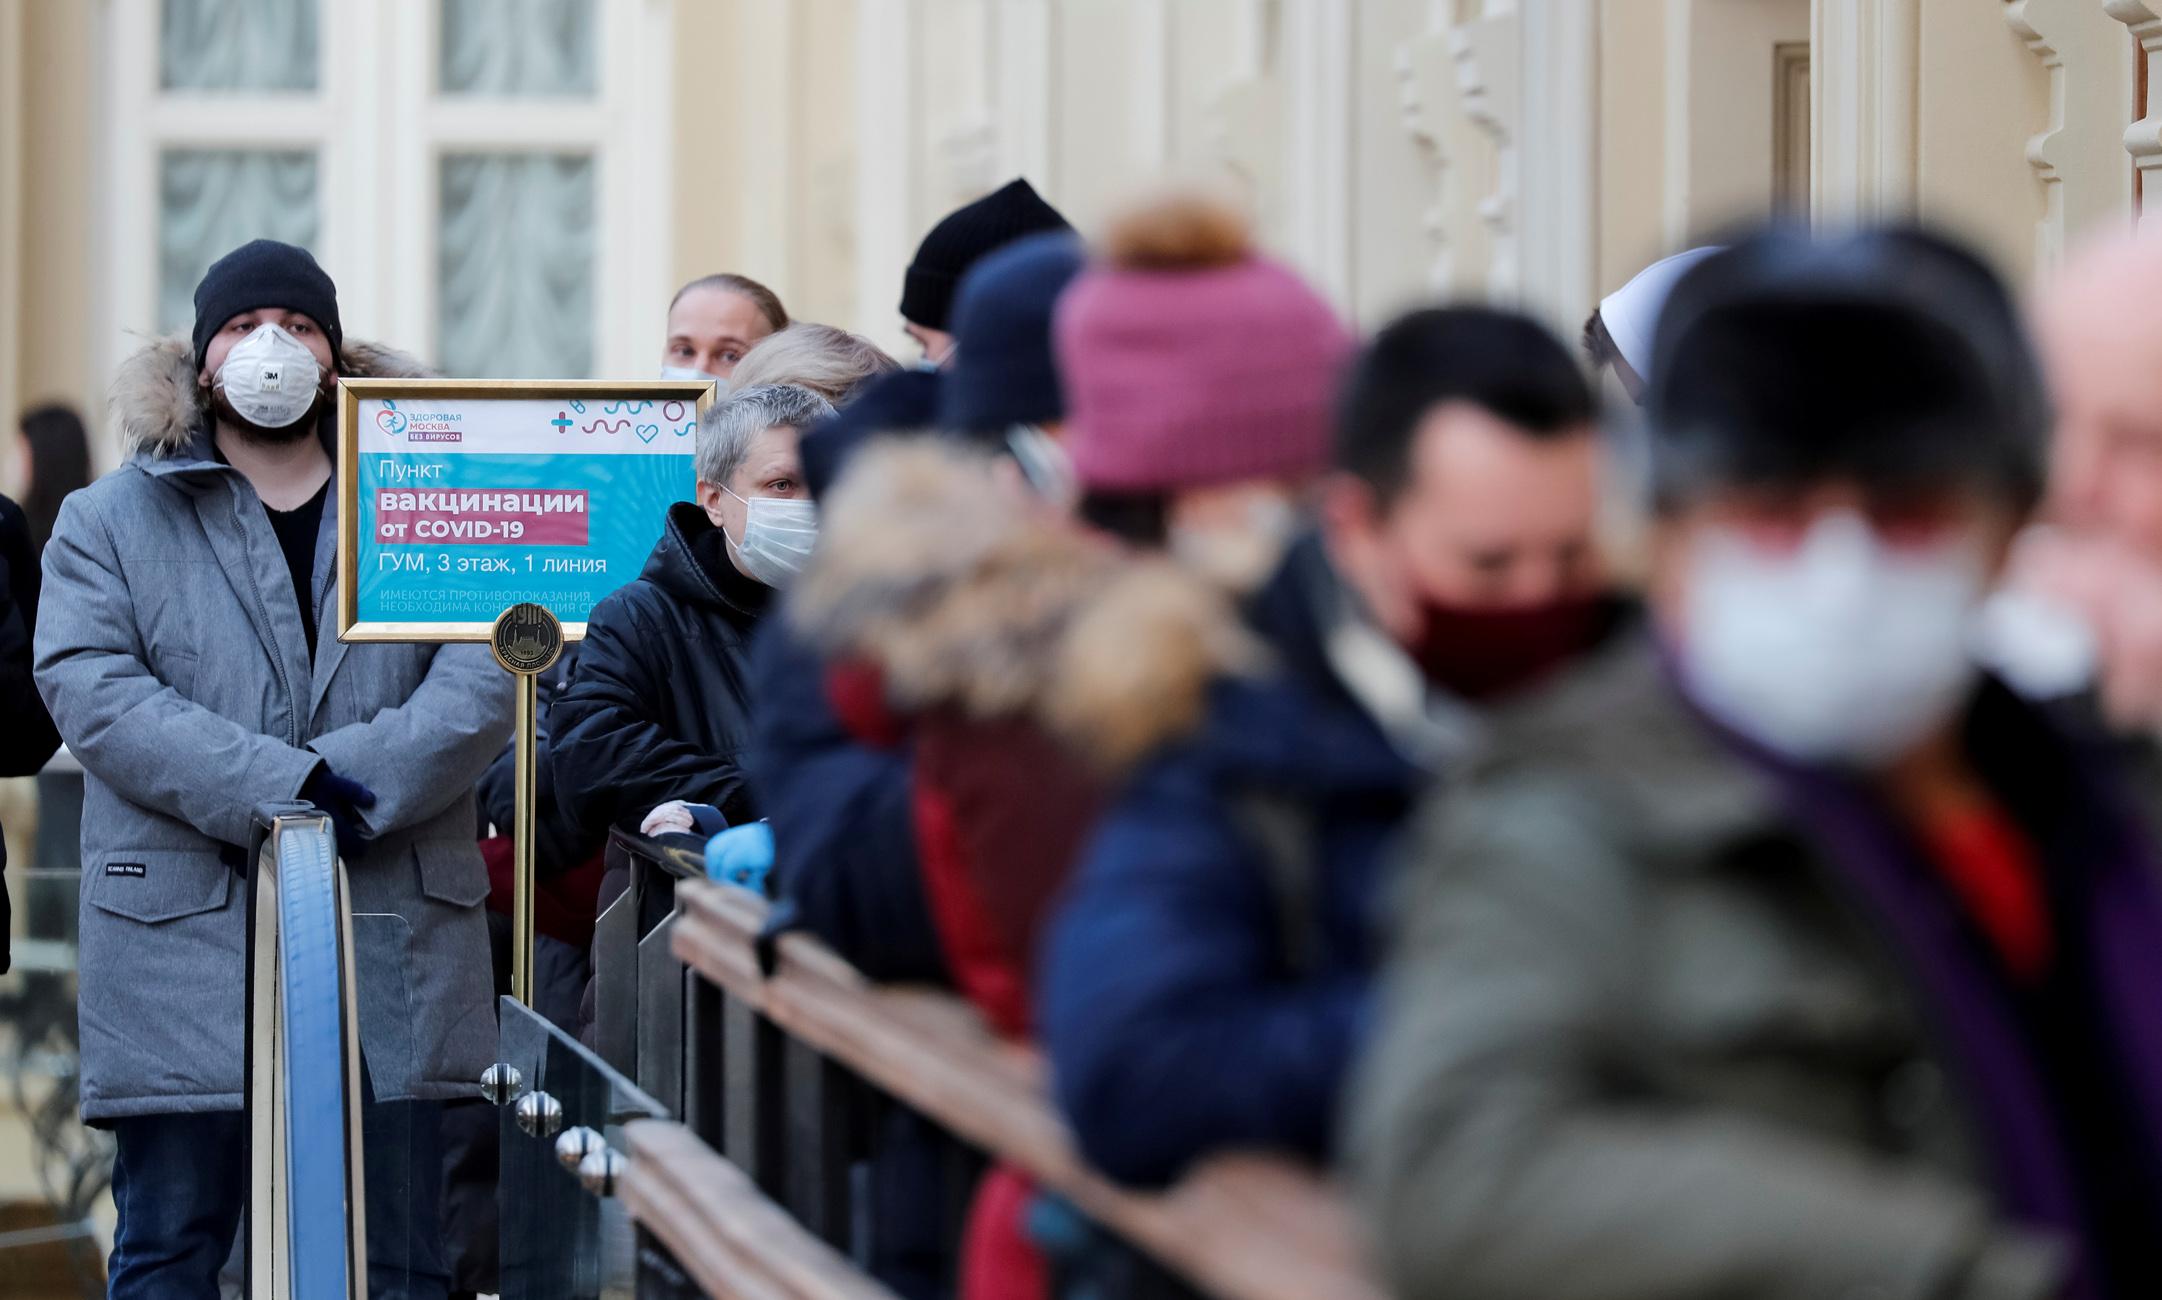 Ρωσία: 361 νεκροί και πάνω από 9.200 νέα κρούσματα σε ένα 24ωρο